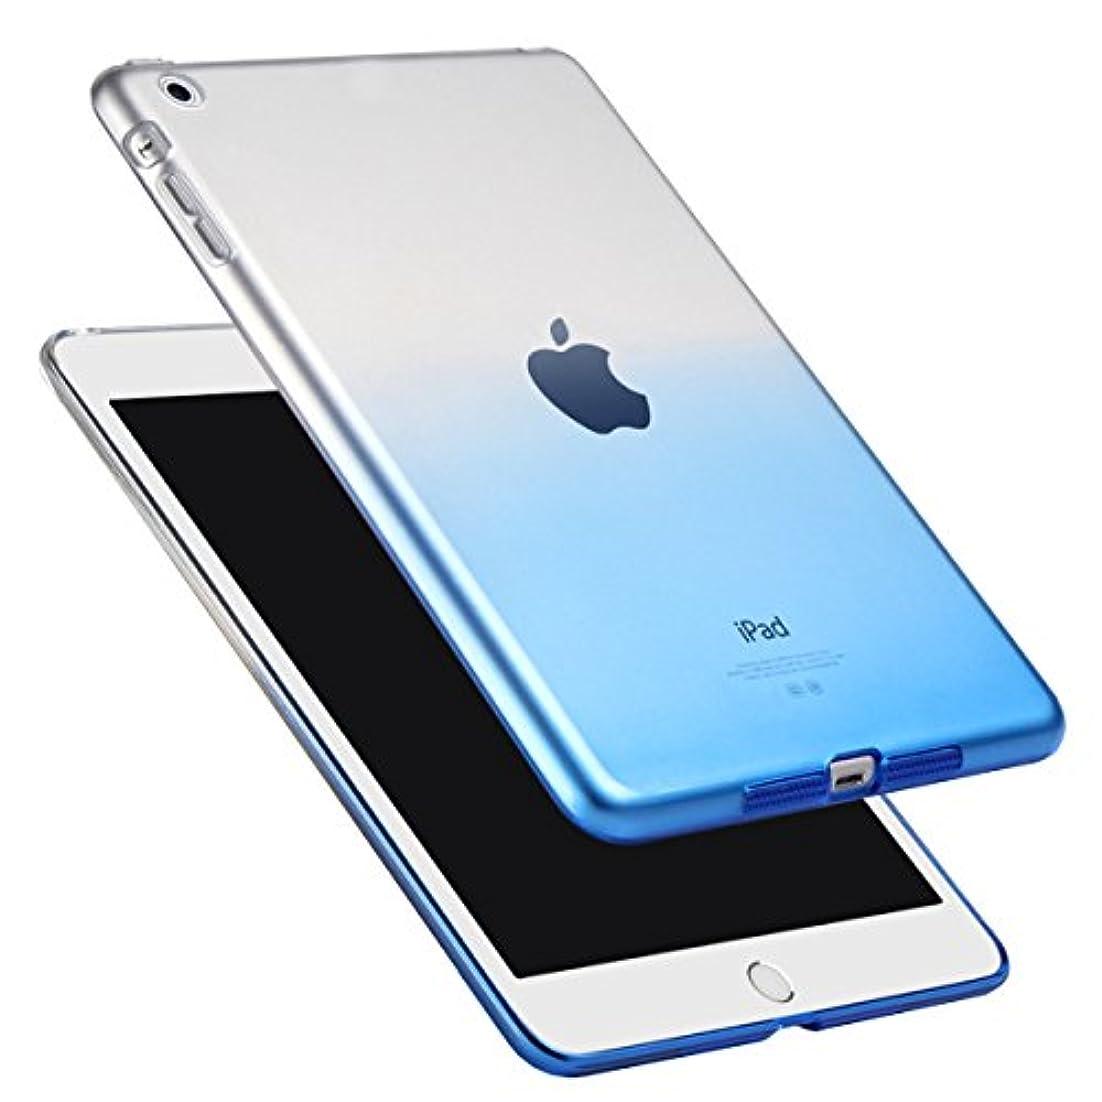 バウンス微妙方向Apple iPad mini4 対応 ケース [ easyBee] 極薄 ソフト クリア TPU シリコン 軽量型 クリア アイパッドミニ 4 カバー 対応 手触り良い 透明感が長持ち 落下防止 タブレット全面保護 カバー グラデーションカラー(ホワイト+スカイブルー)